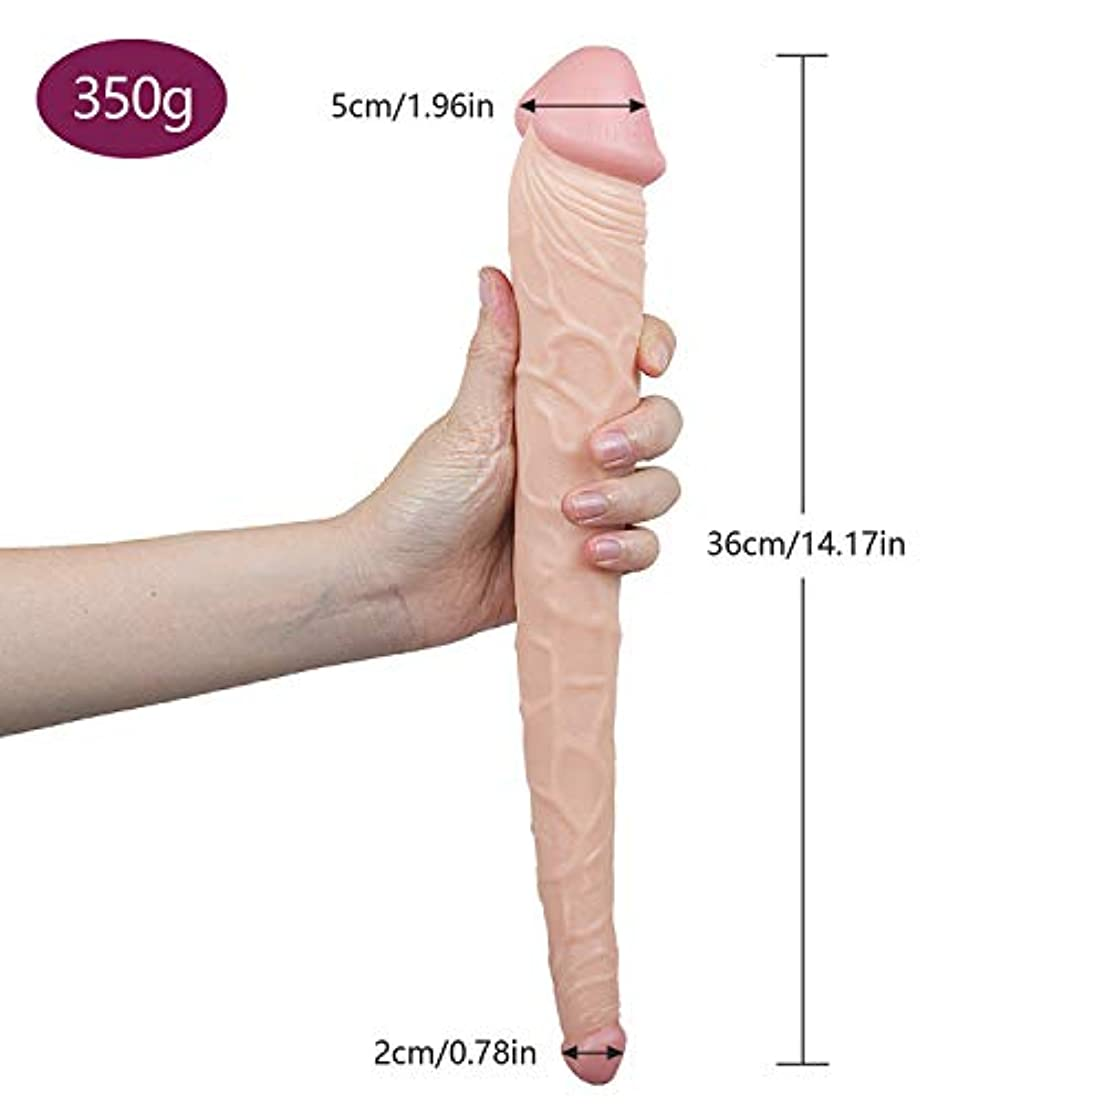 アジアロードハウスコットンペニス 14.17インチの完全なサイズの完全なボディマッサージャーの二重頭の側面のマッサージャーのおもちゃ マッサージャー